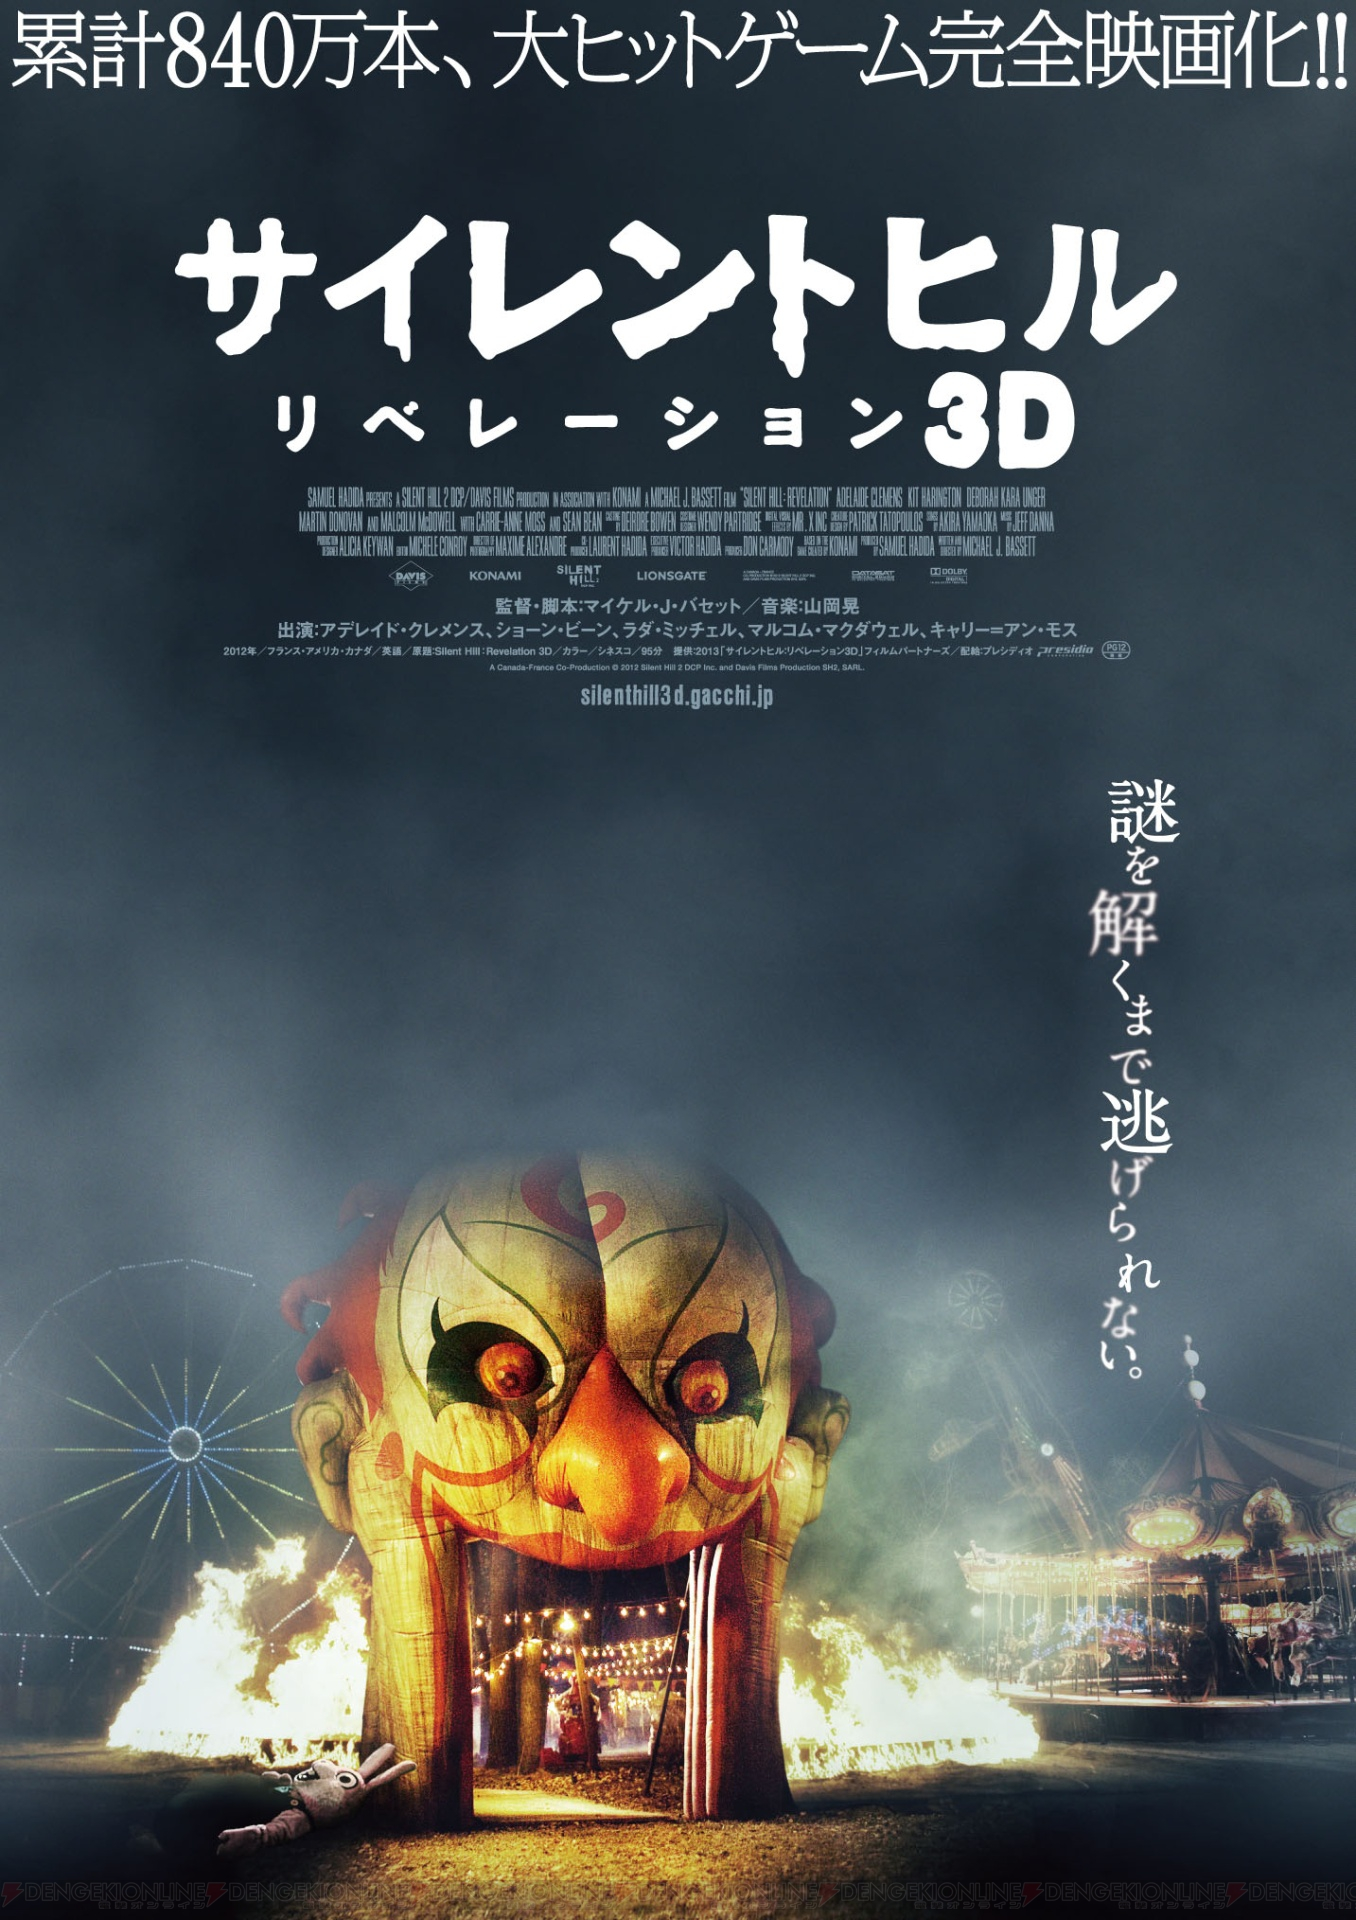 『サイレントヒル』シリーズの実写映画『サイレントヒル:リベレーション3D』が6月より全国ロードショー